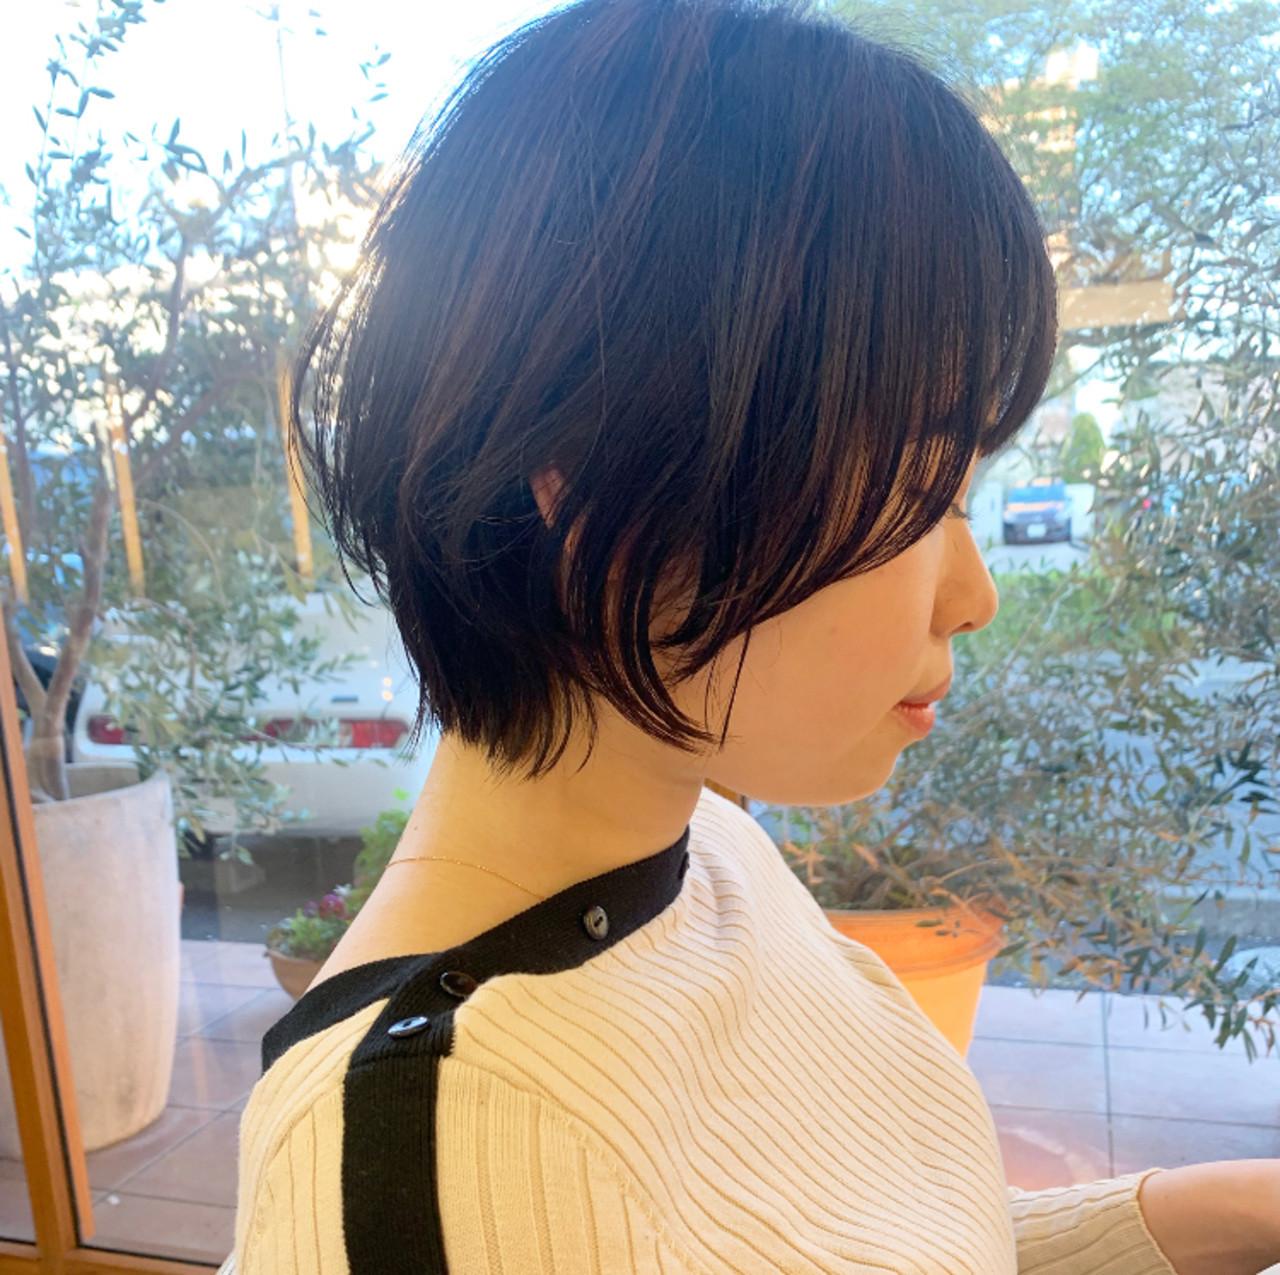 ウルフカット ショート ウルフ女子 ナチュラルウルフ ヘアスタイルや髪型の写真・画像